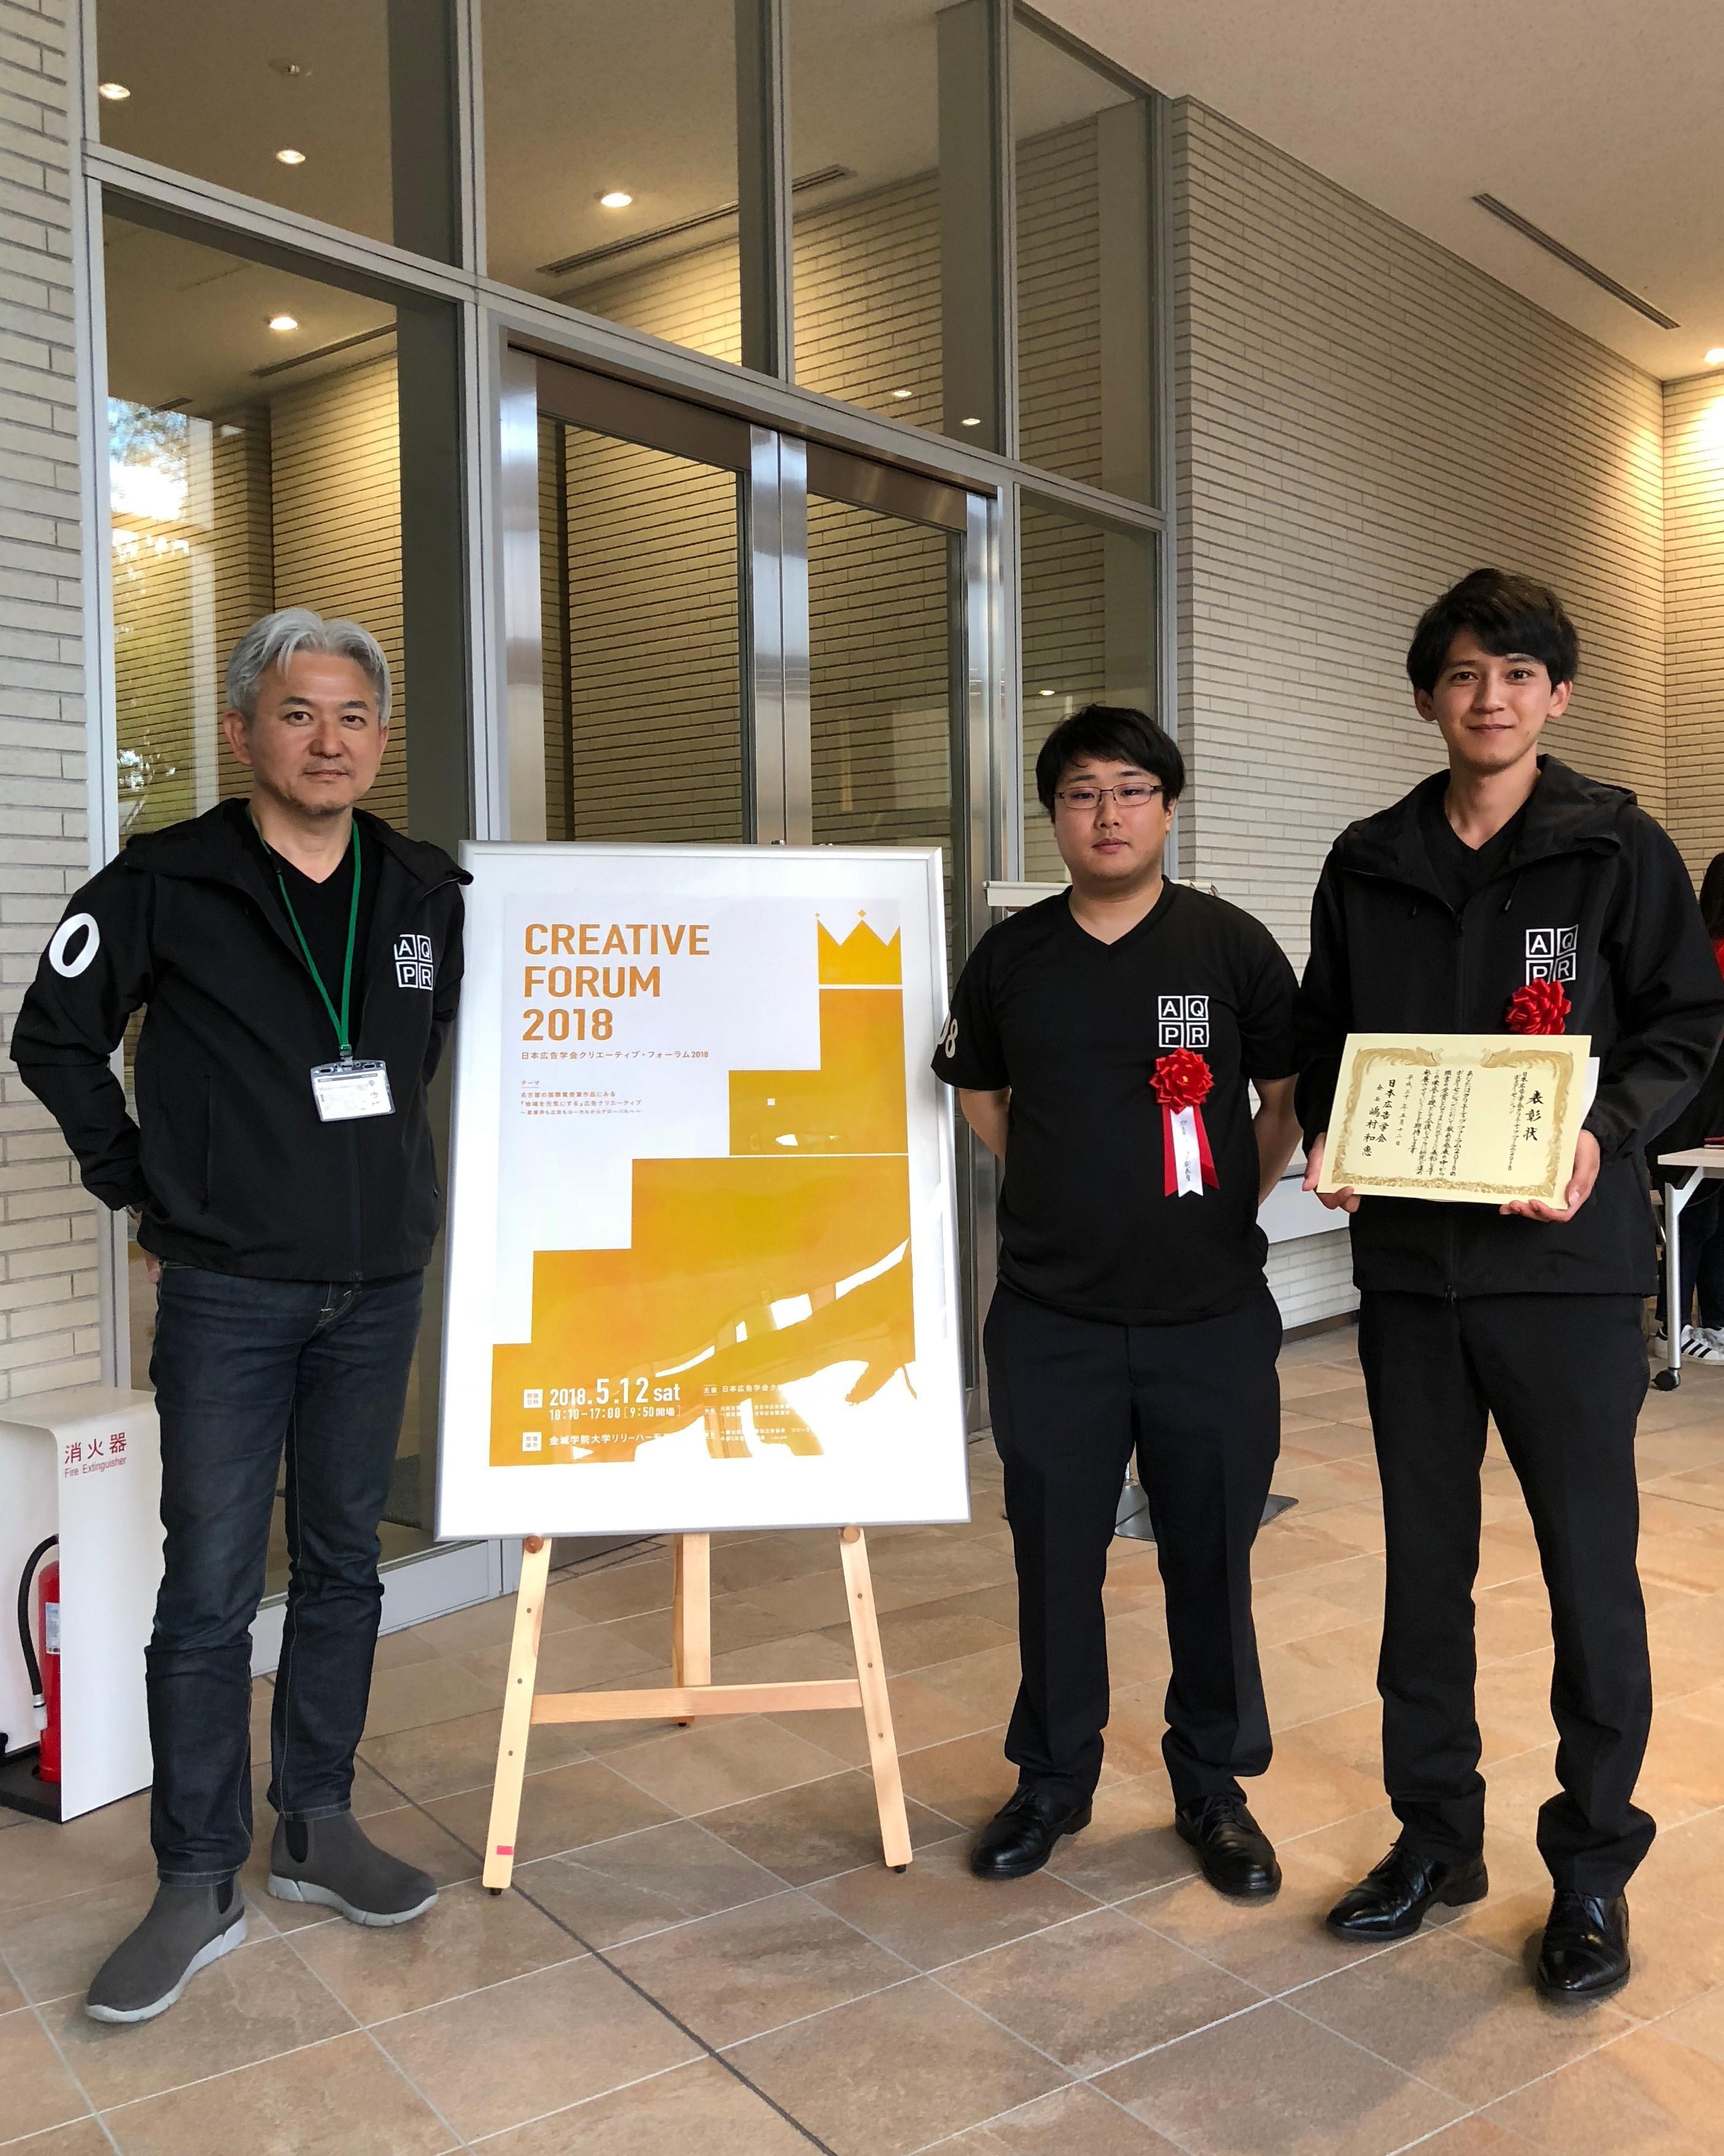 大会会場にて 写真左から:上岡教授、西山さん、鈴木さん